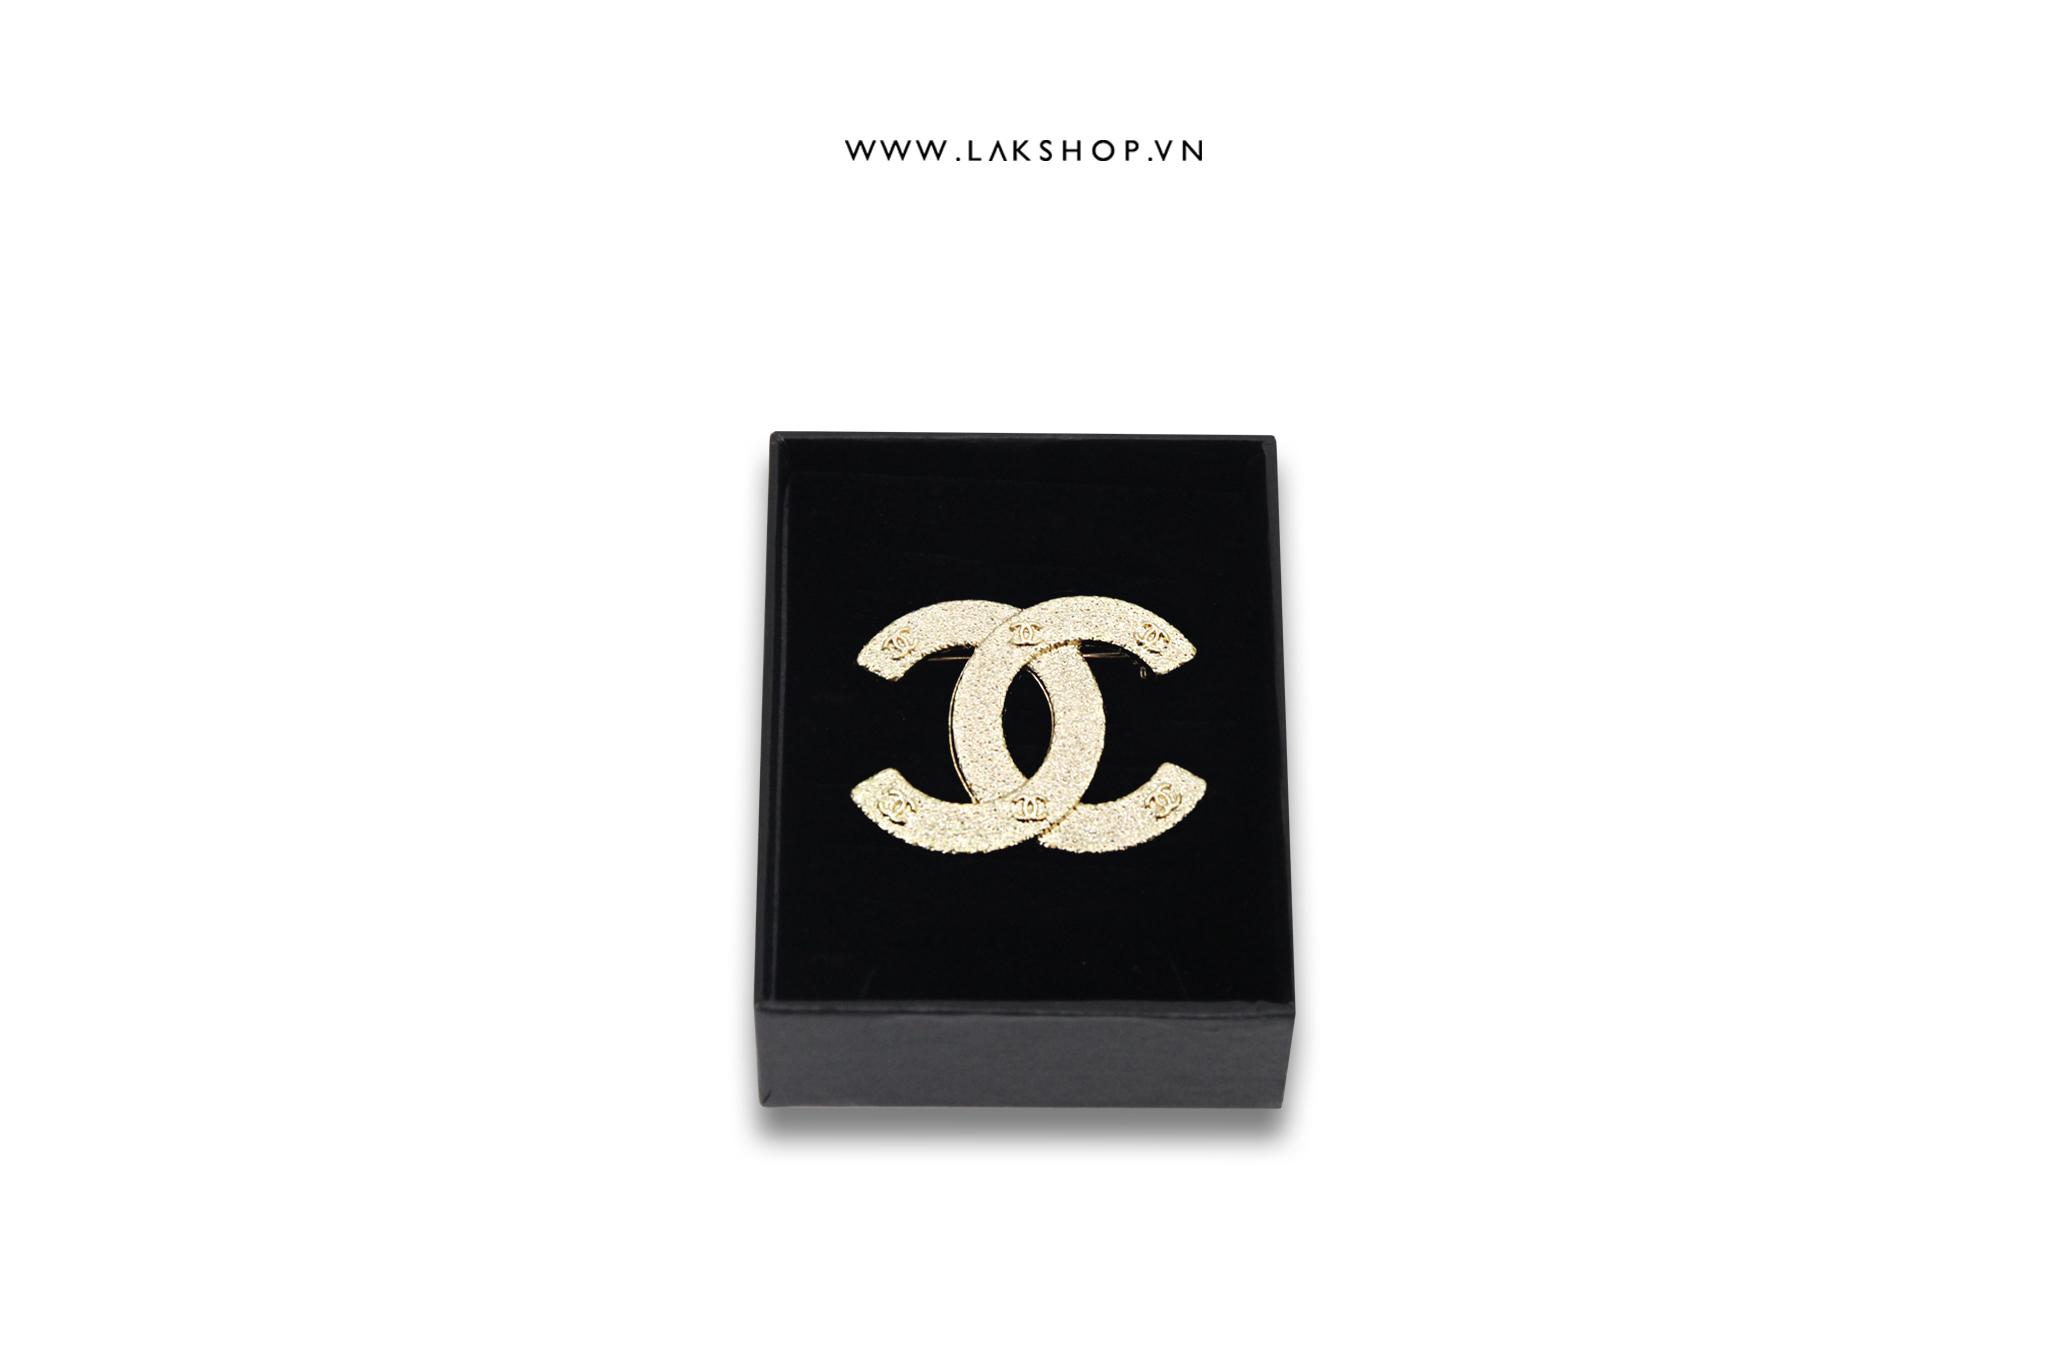 Trâm Cài Chanel Logo CC Vàng Sần